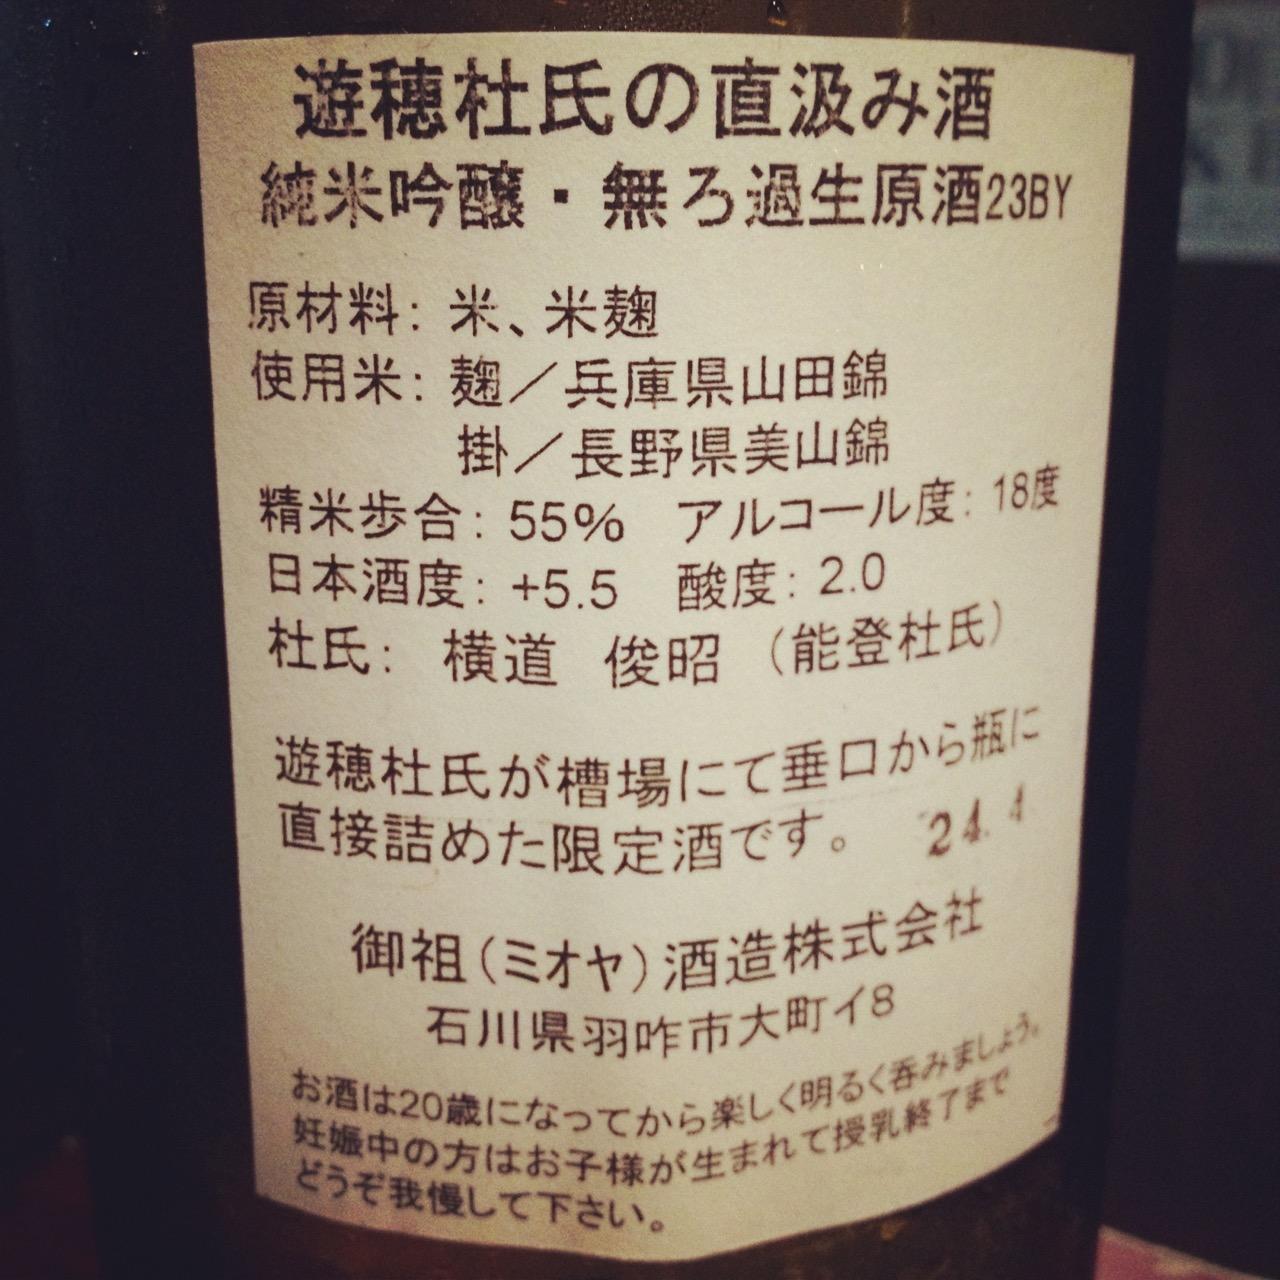 遊穂 杜氏の直汲み酒 純米吟醸 無ろ過生原酒 23BY|日本酒テイスティングノート